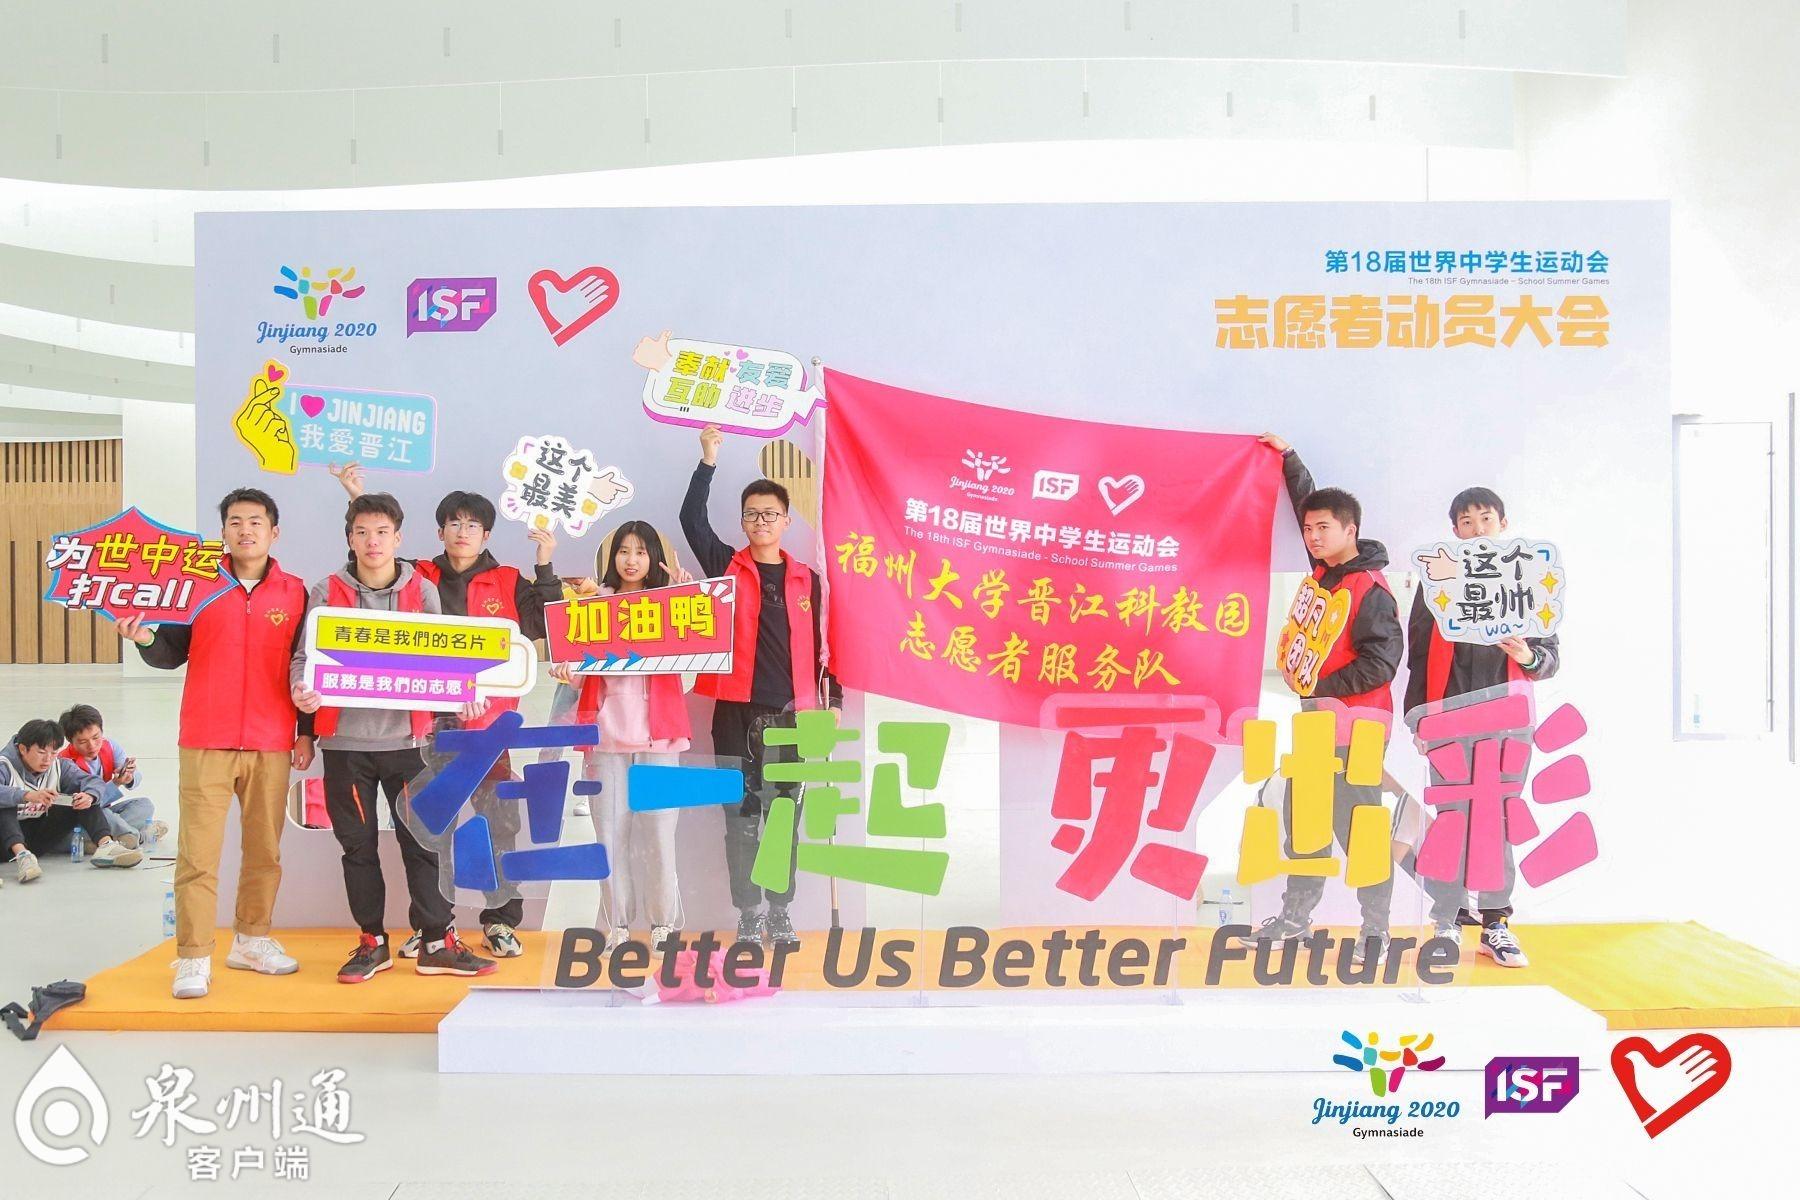 第18届世中运志愿者动员大会在晋江举行